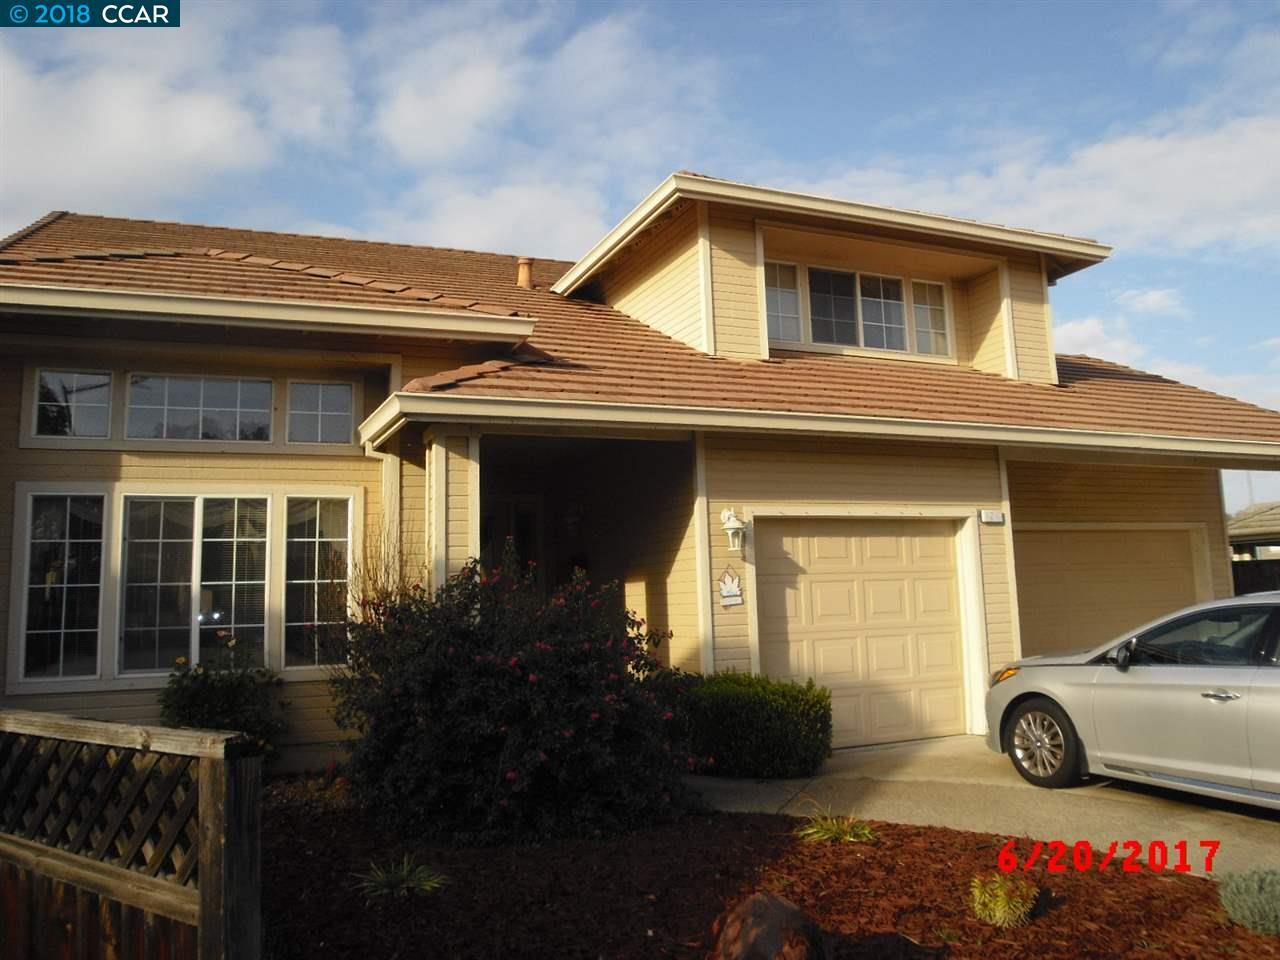 126 Meadow Ct, OAKLEY, CA 94561